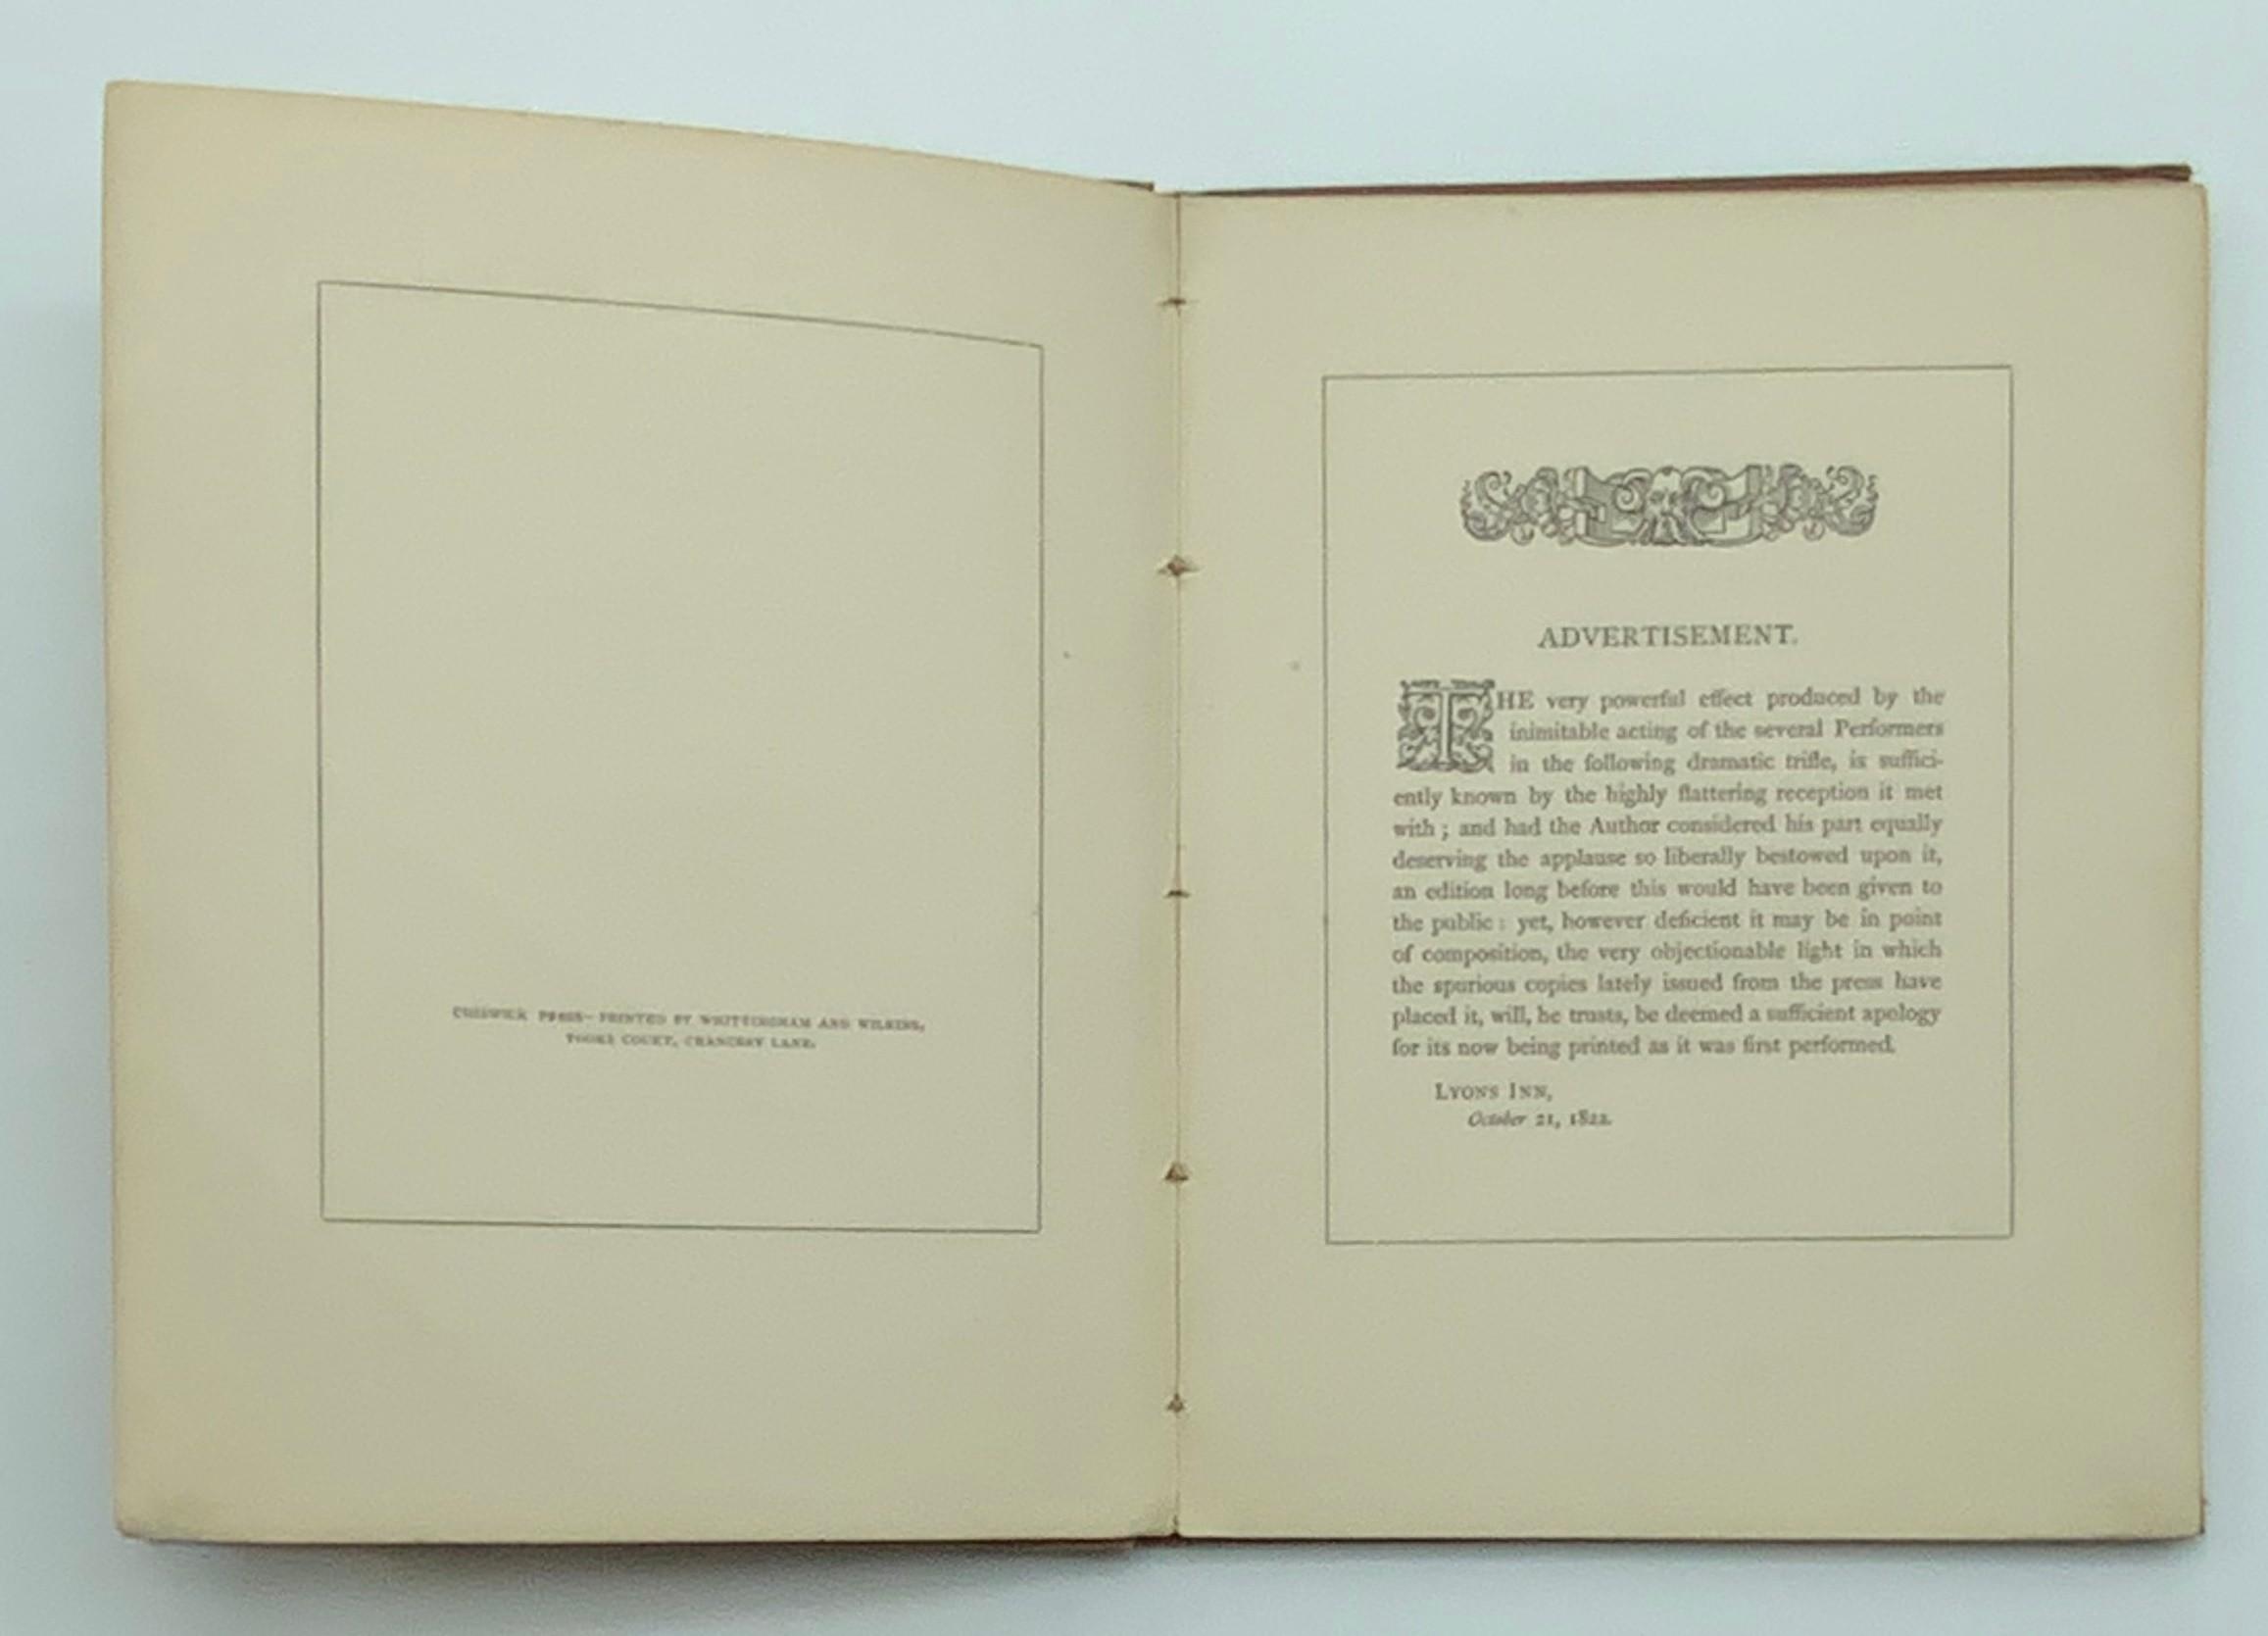 1873 BOMBASTES FURIOSO ILLUSTRATED BY GEORGE CRUIKSHANK - Image 4 of 5